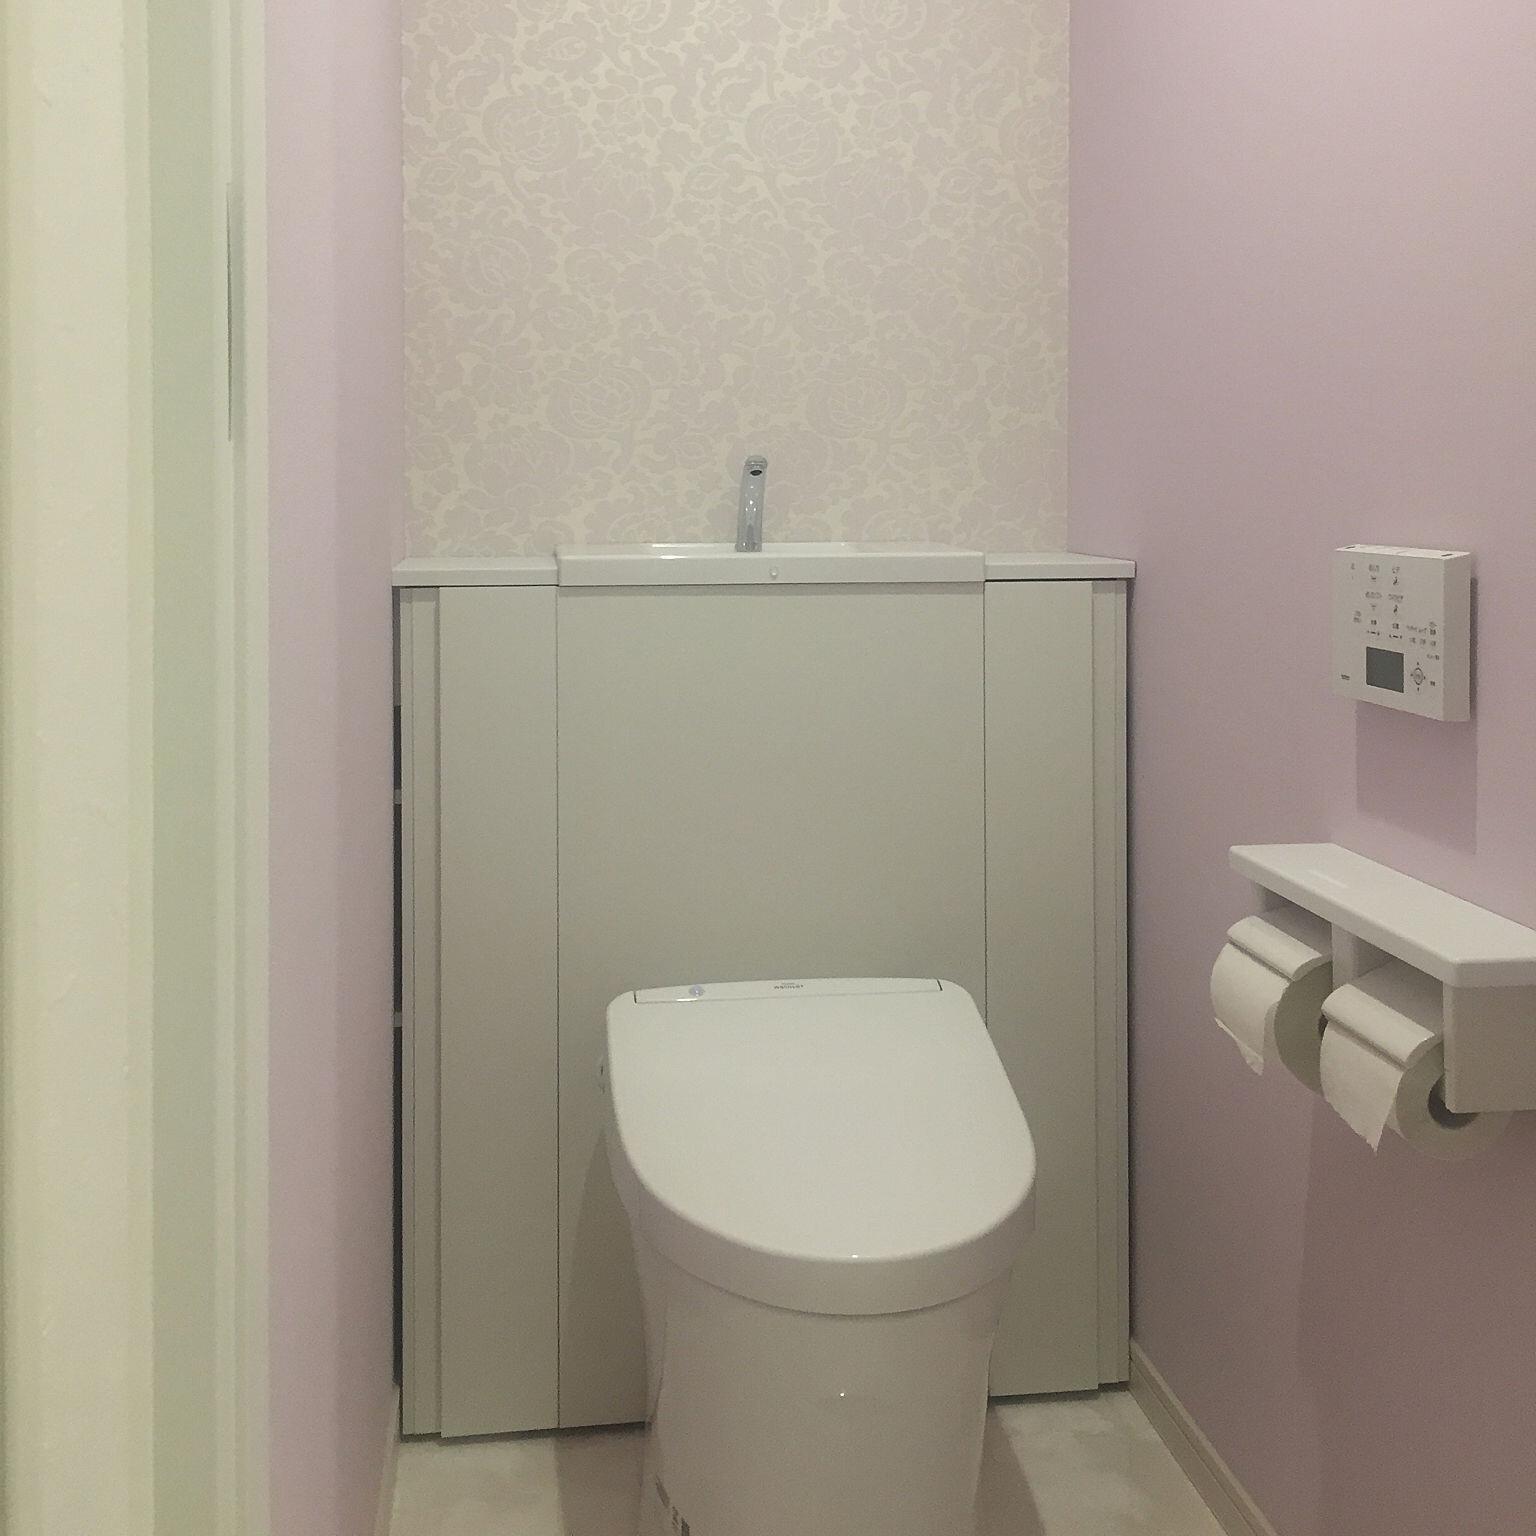 トイレの検索結果 リフォームのイメージ写真集 リフォーム情報 Toto